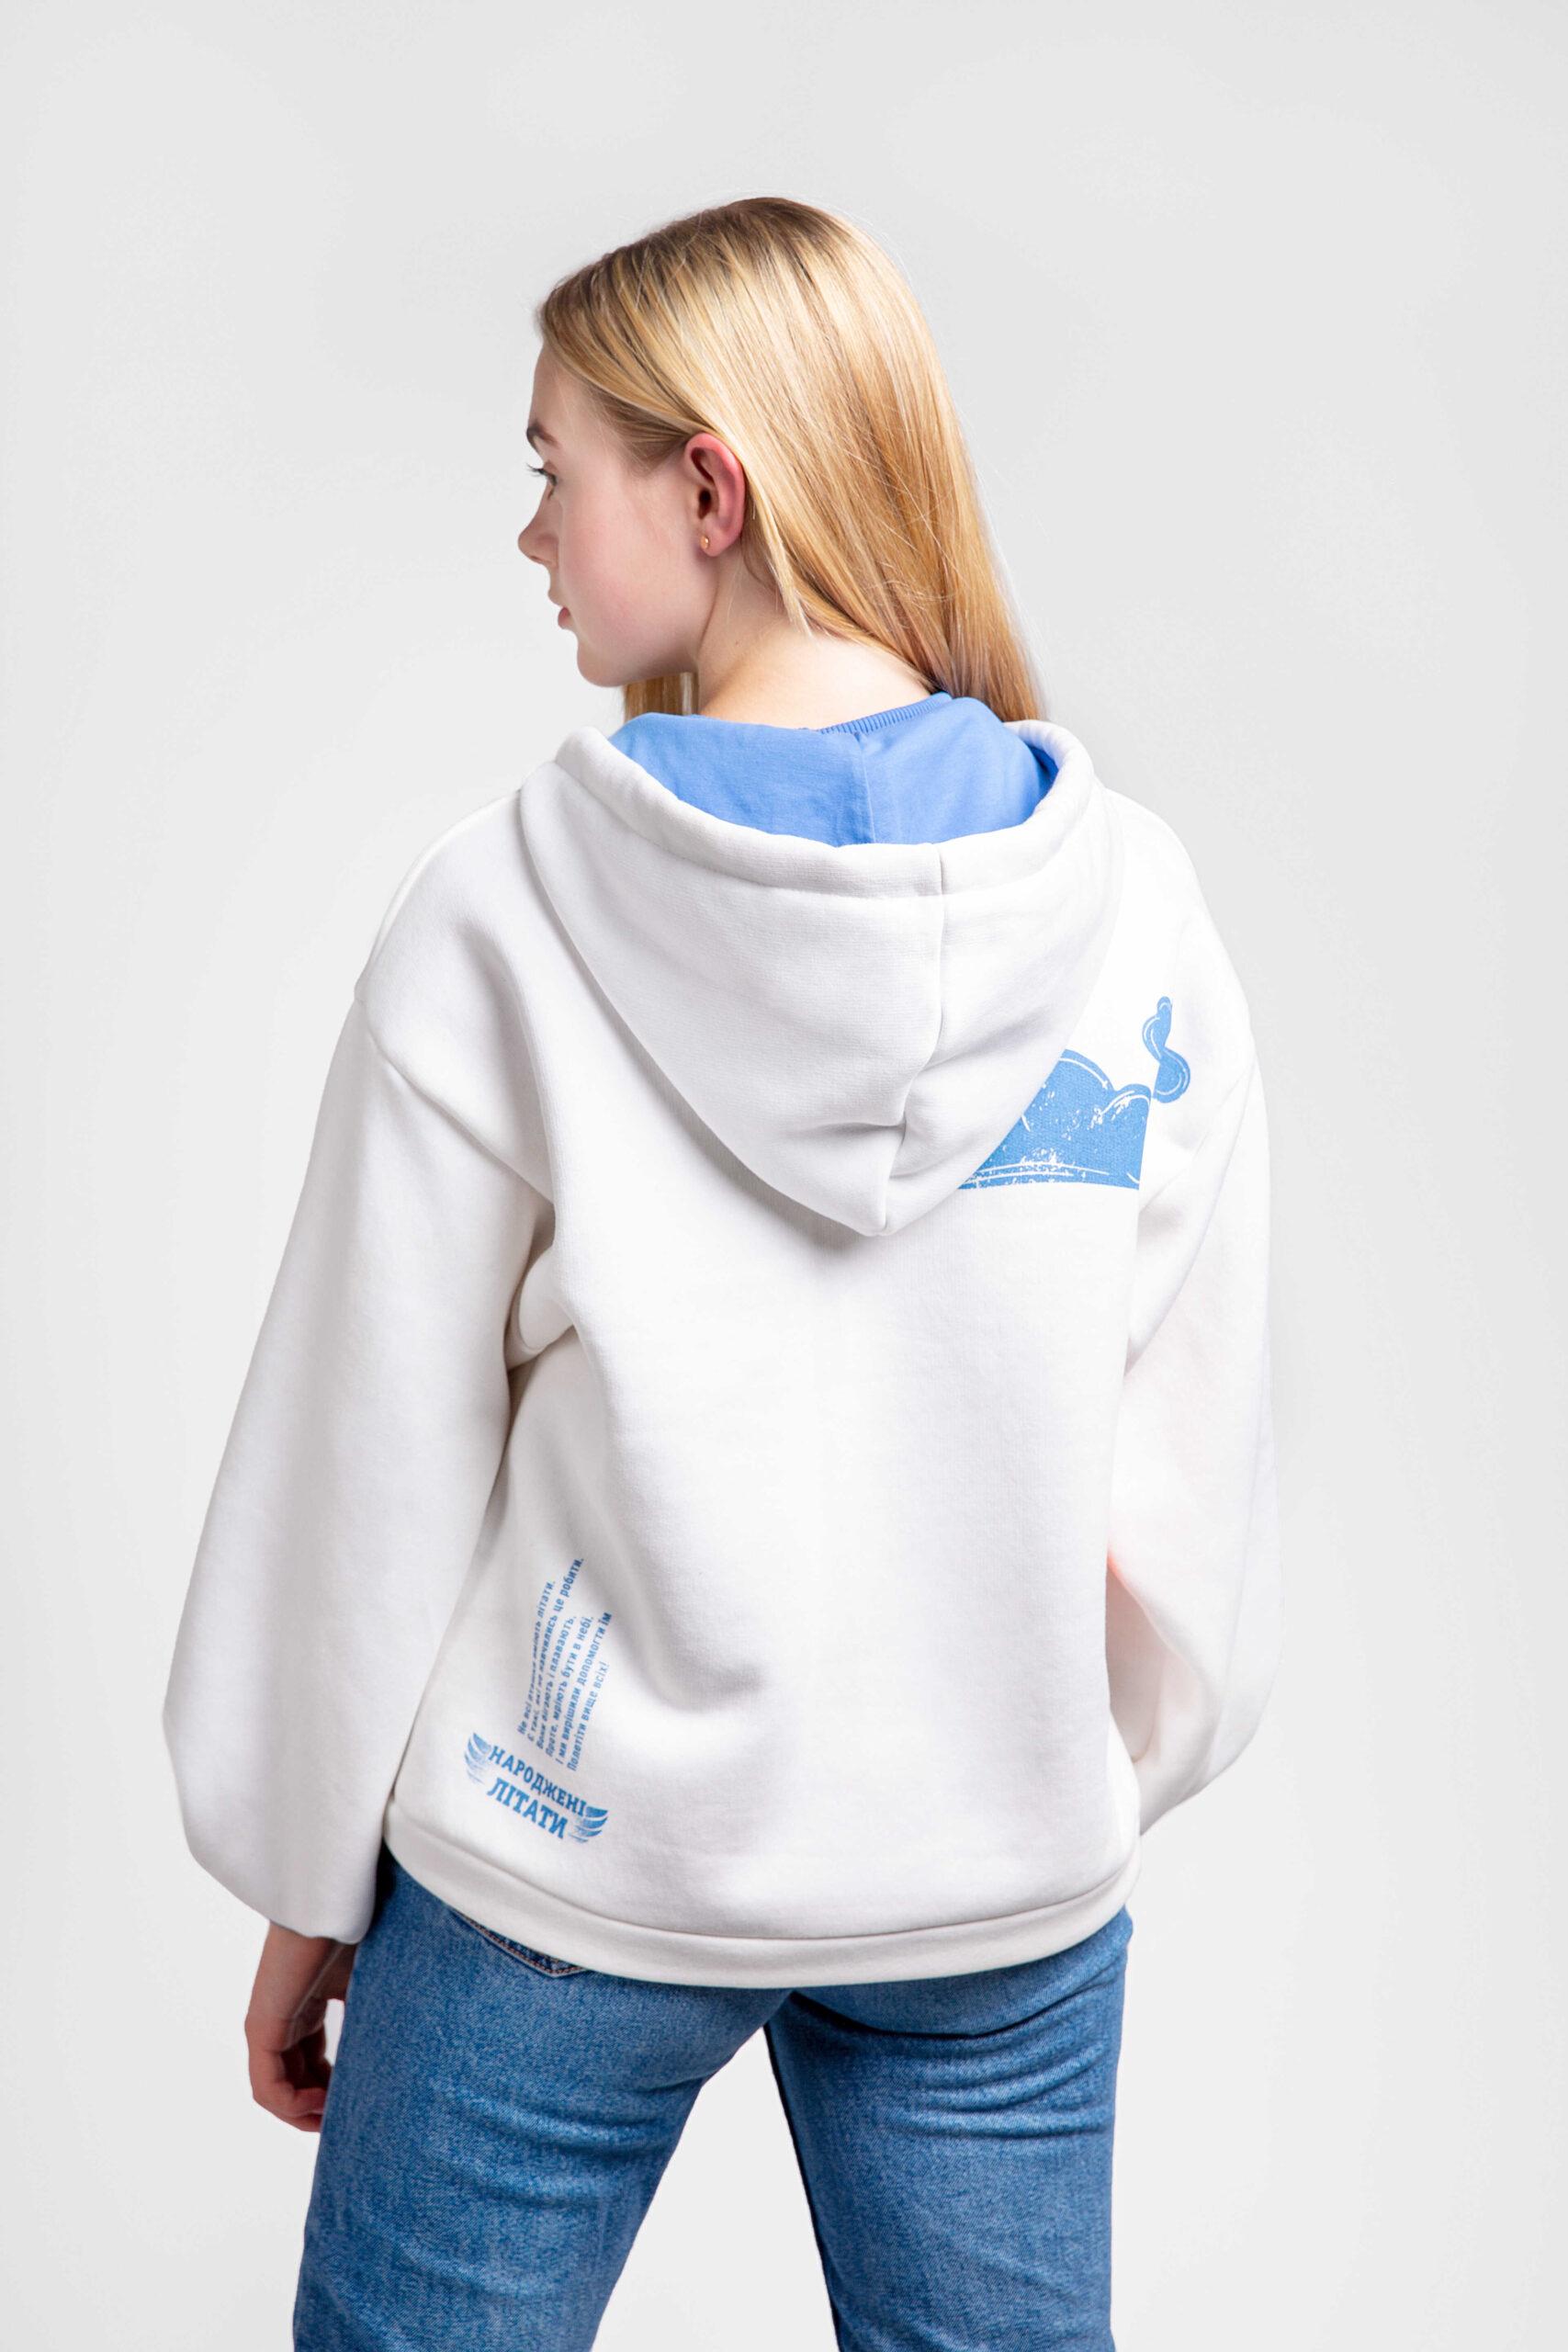 Жіноче Худі Пінгвін. Color white.  Технологія нанесення зображень: шовкодрук, вишивка, шеврони.